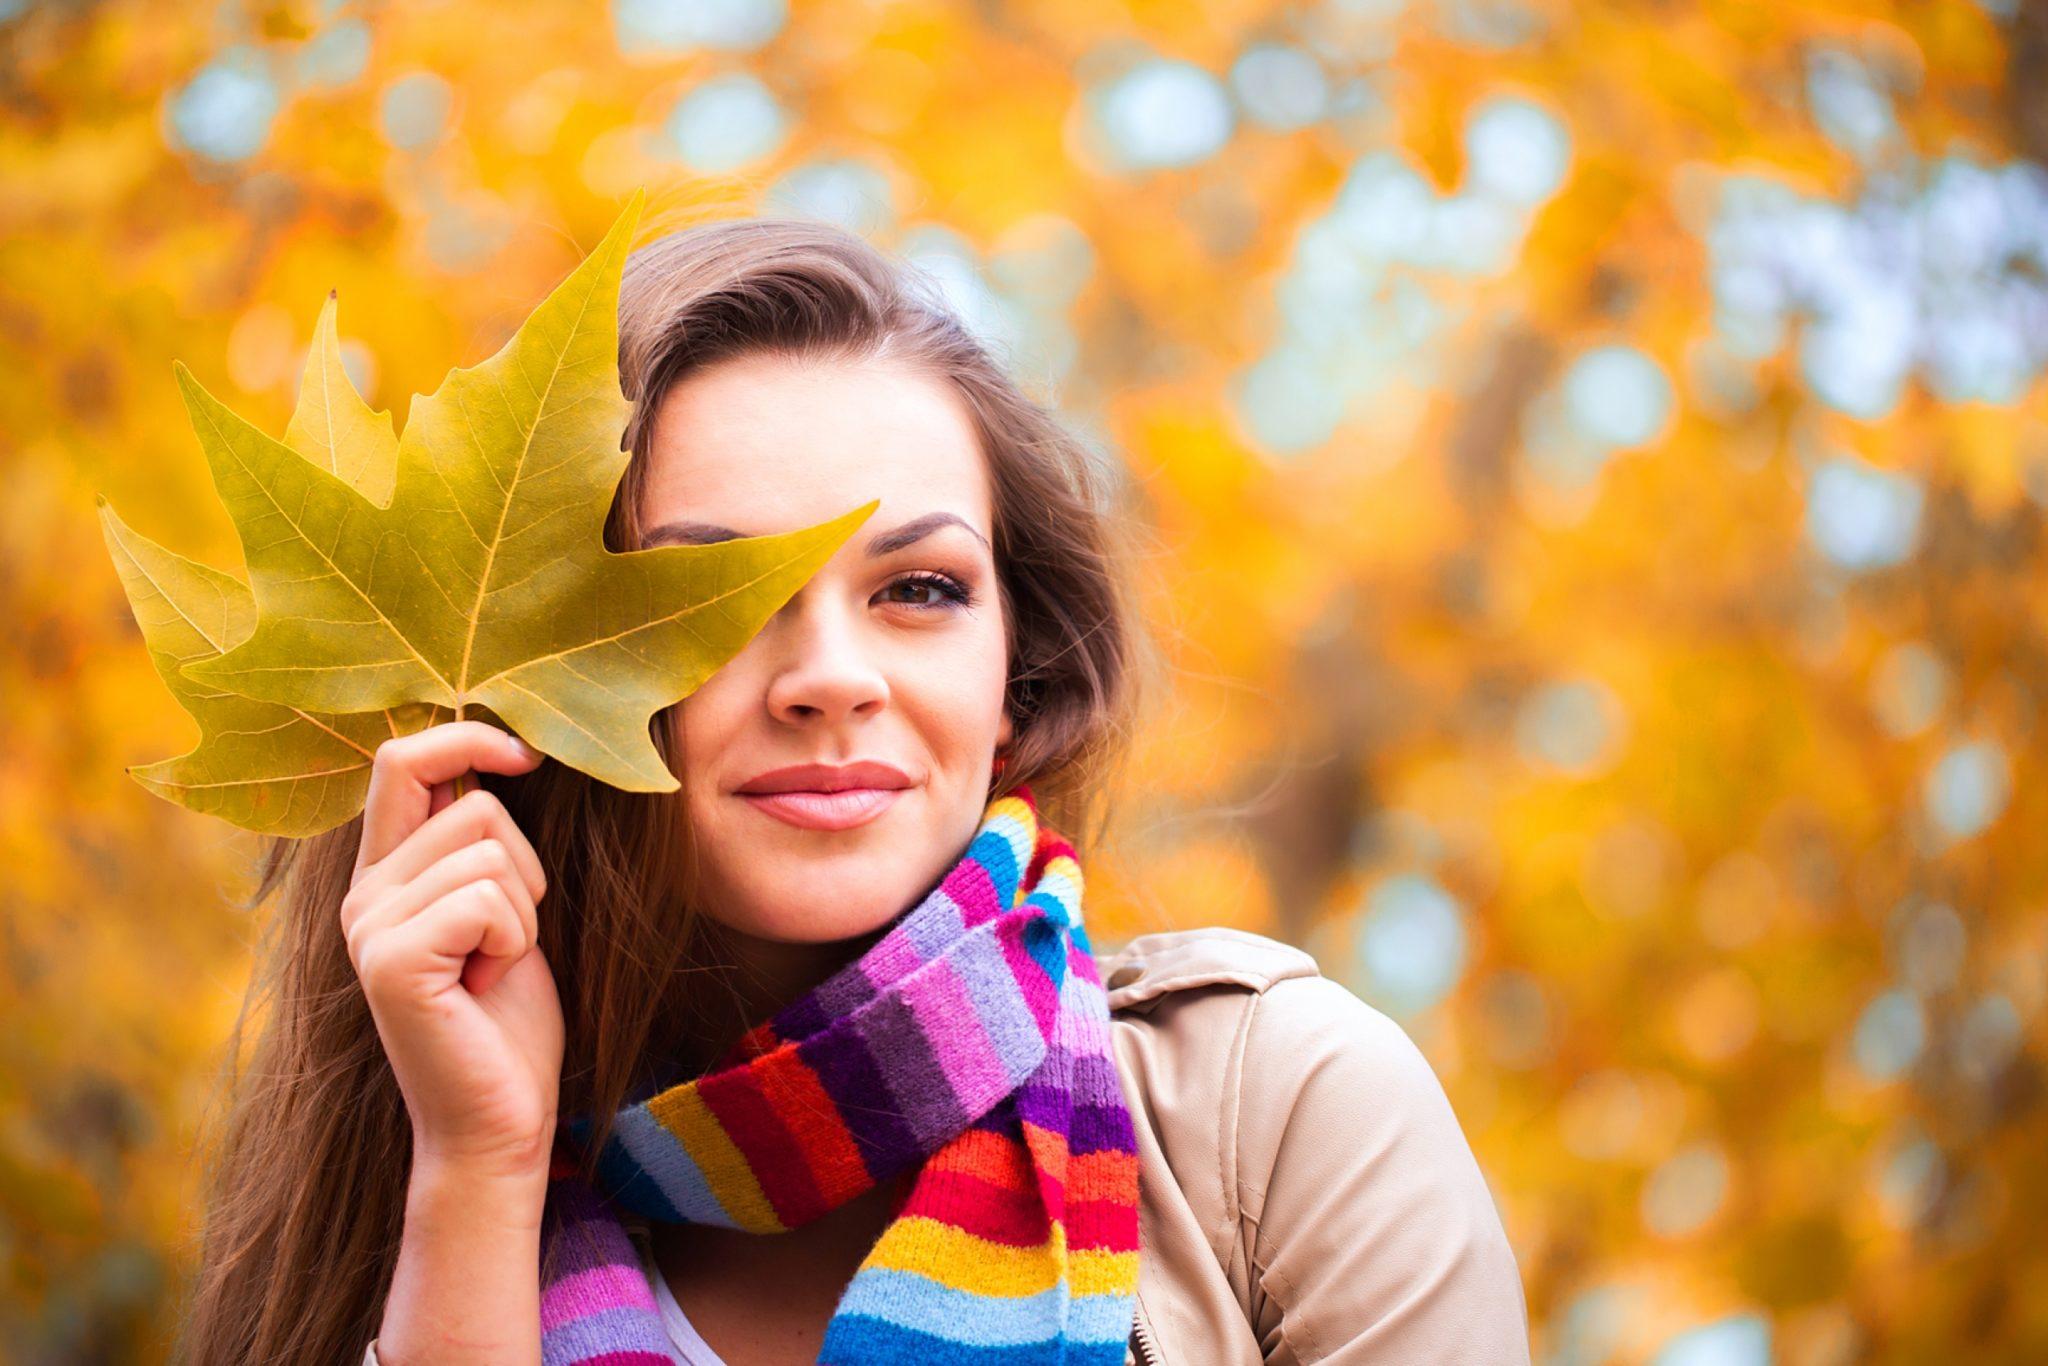 Осенняя депрессия - как от нее избавиться